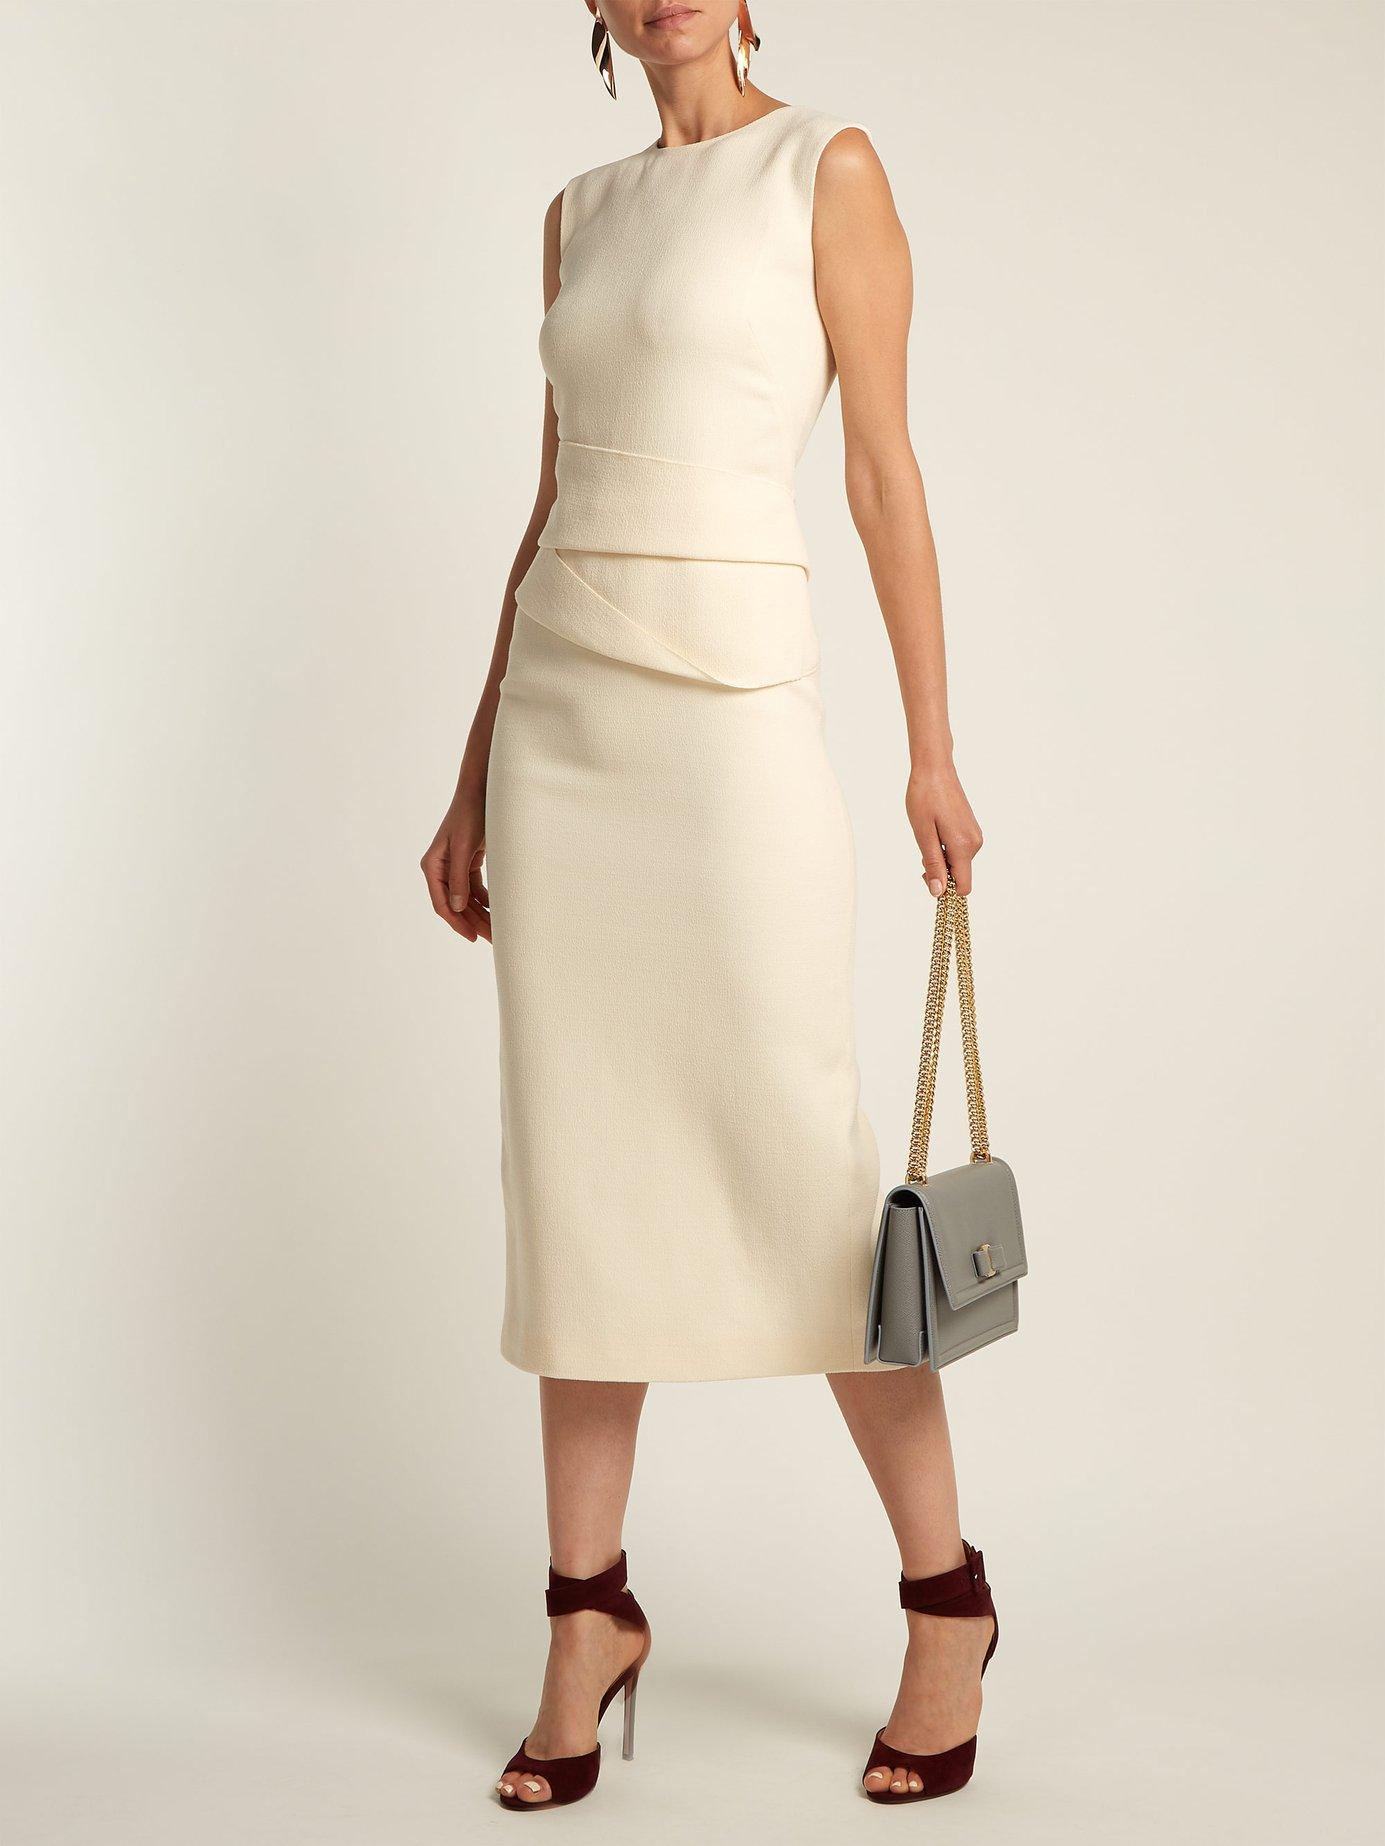 Luna wool-crepe dress by Carl Kapp